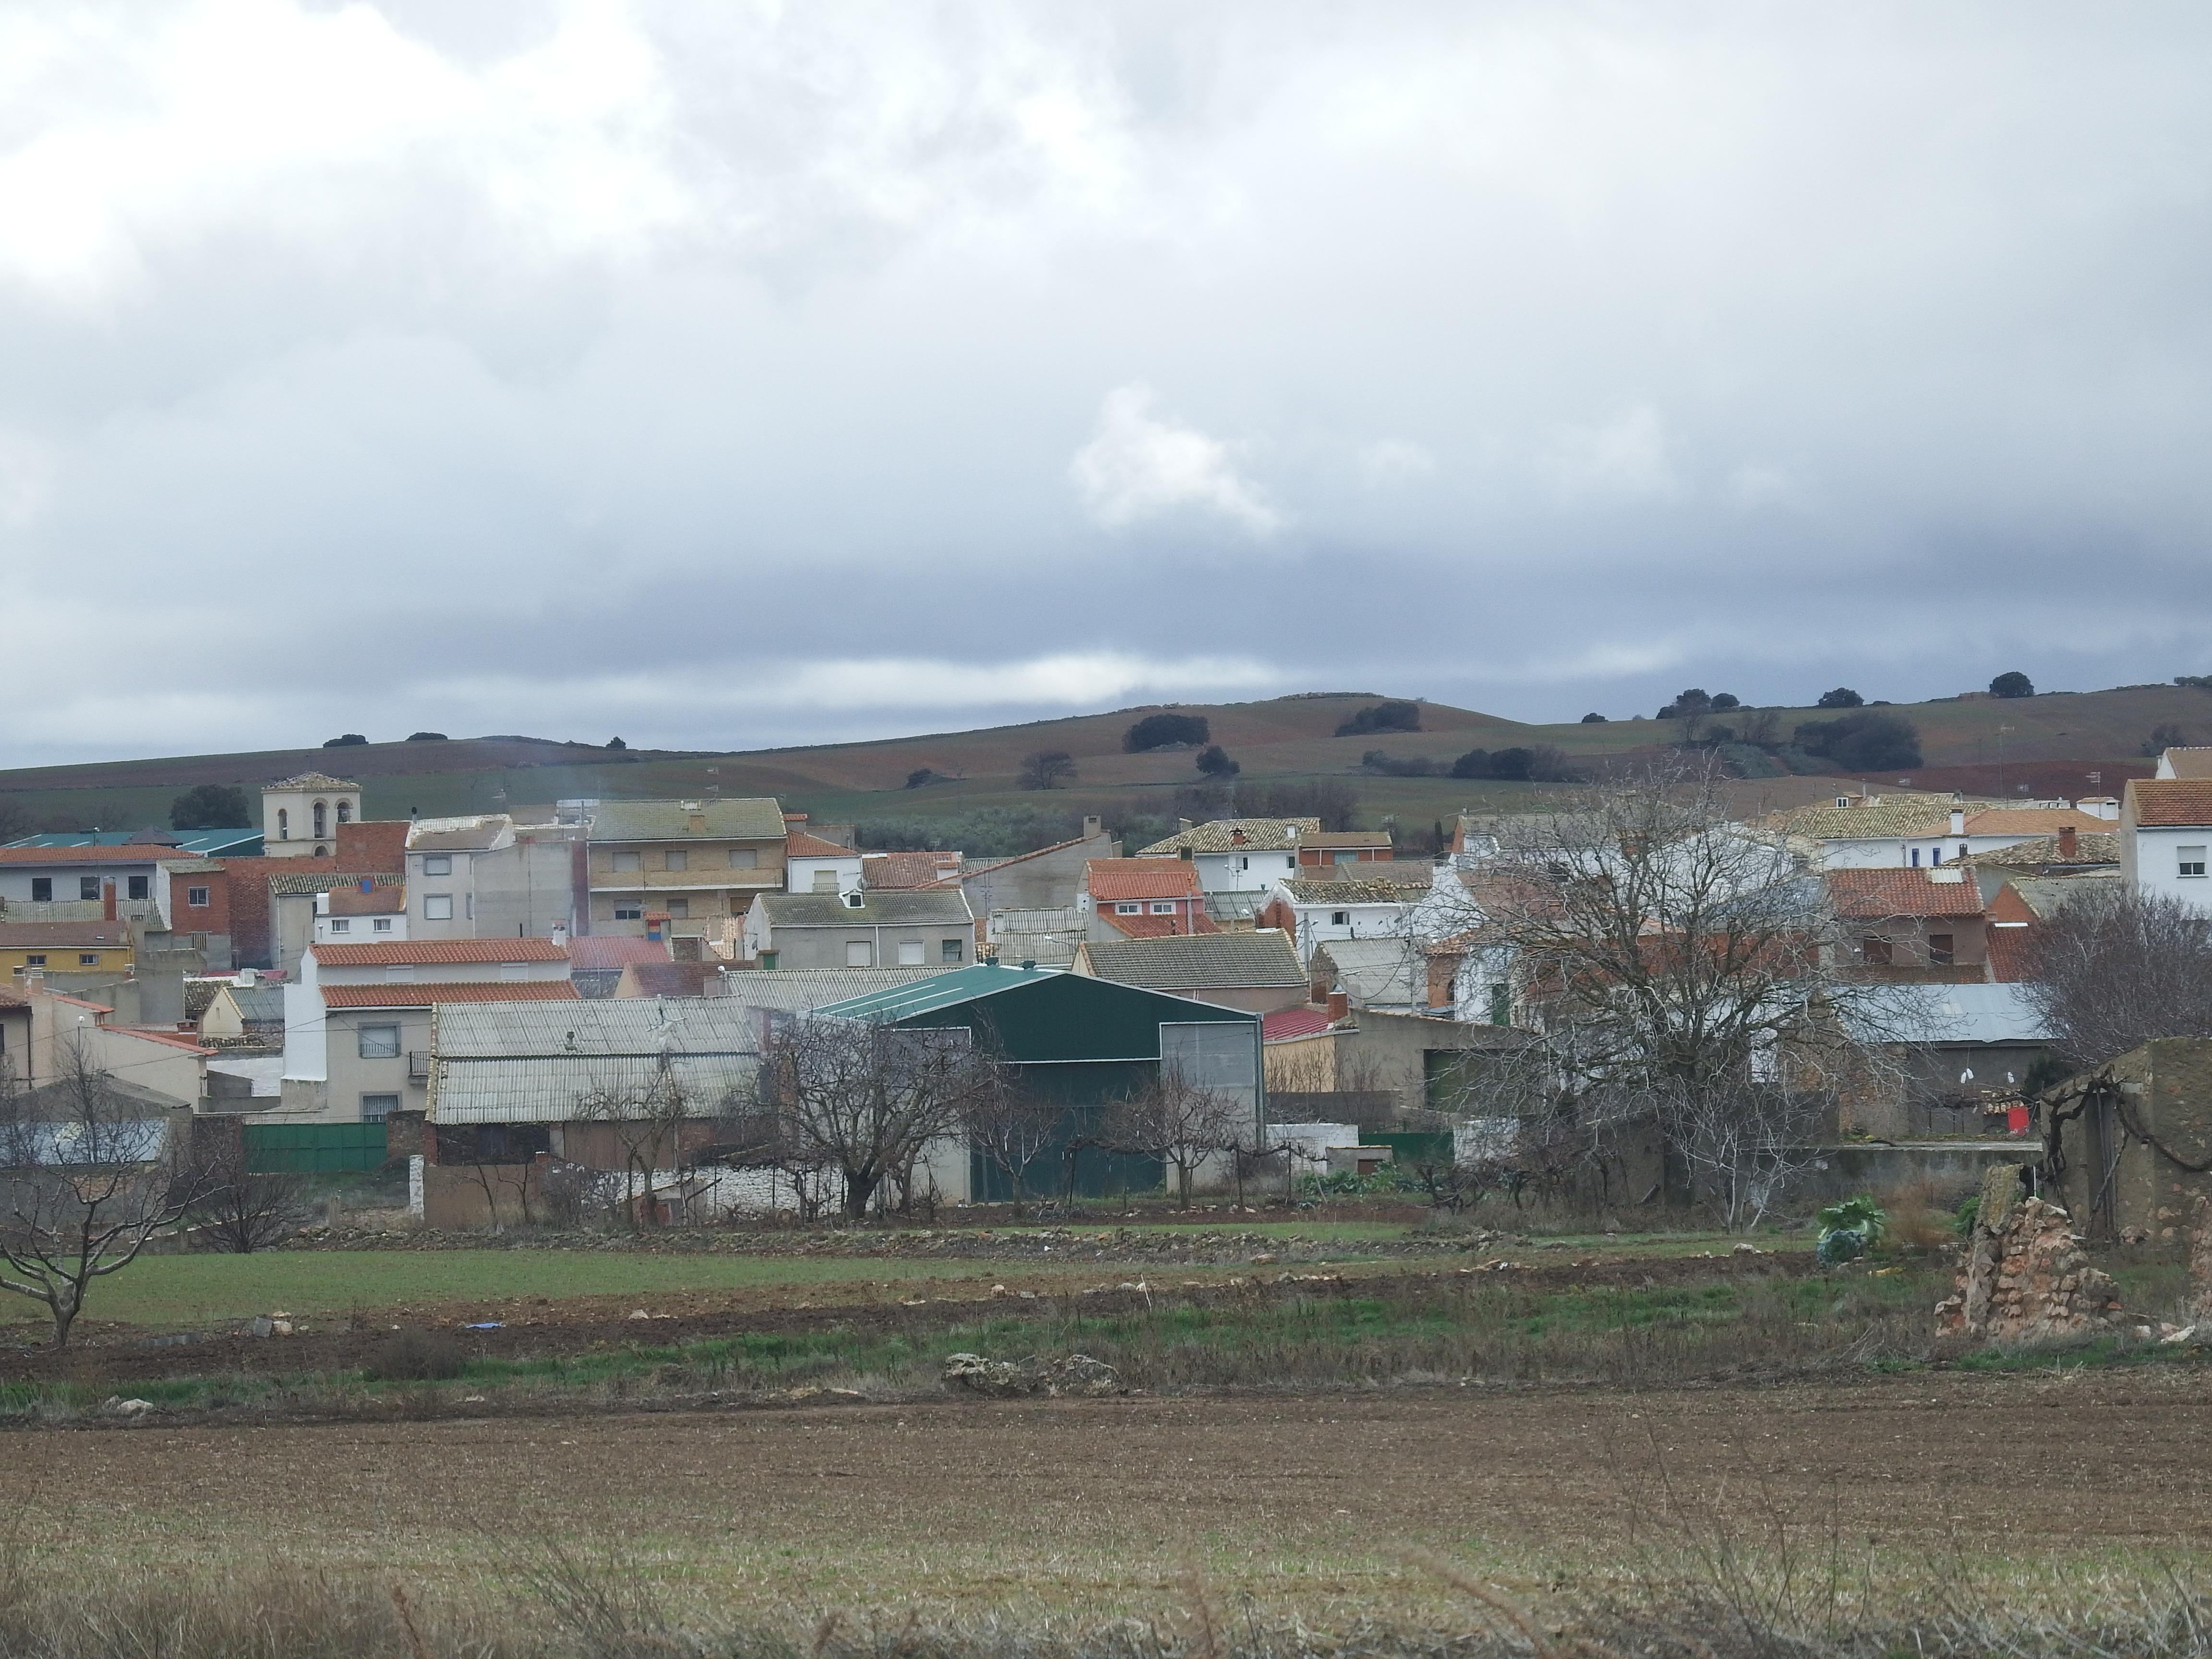 Villarejo-Periesteban